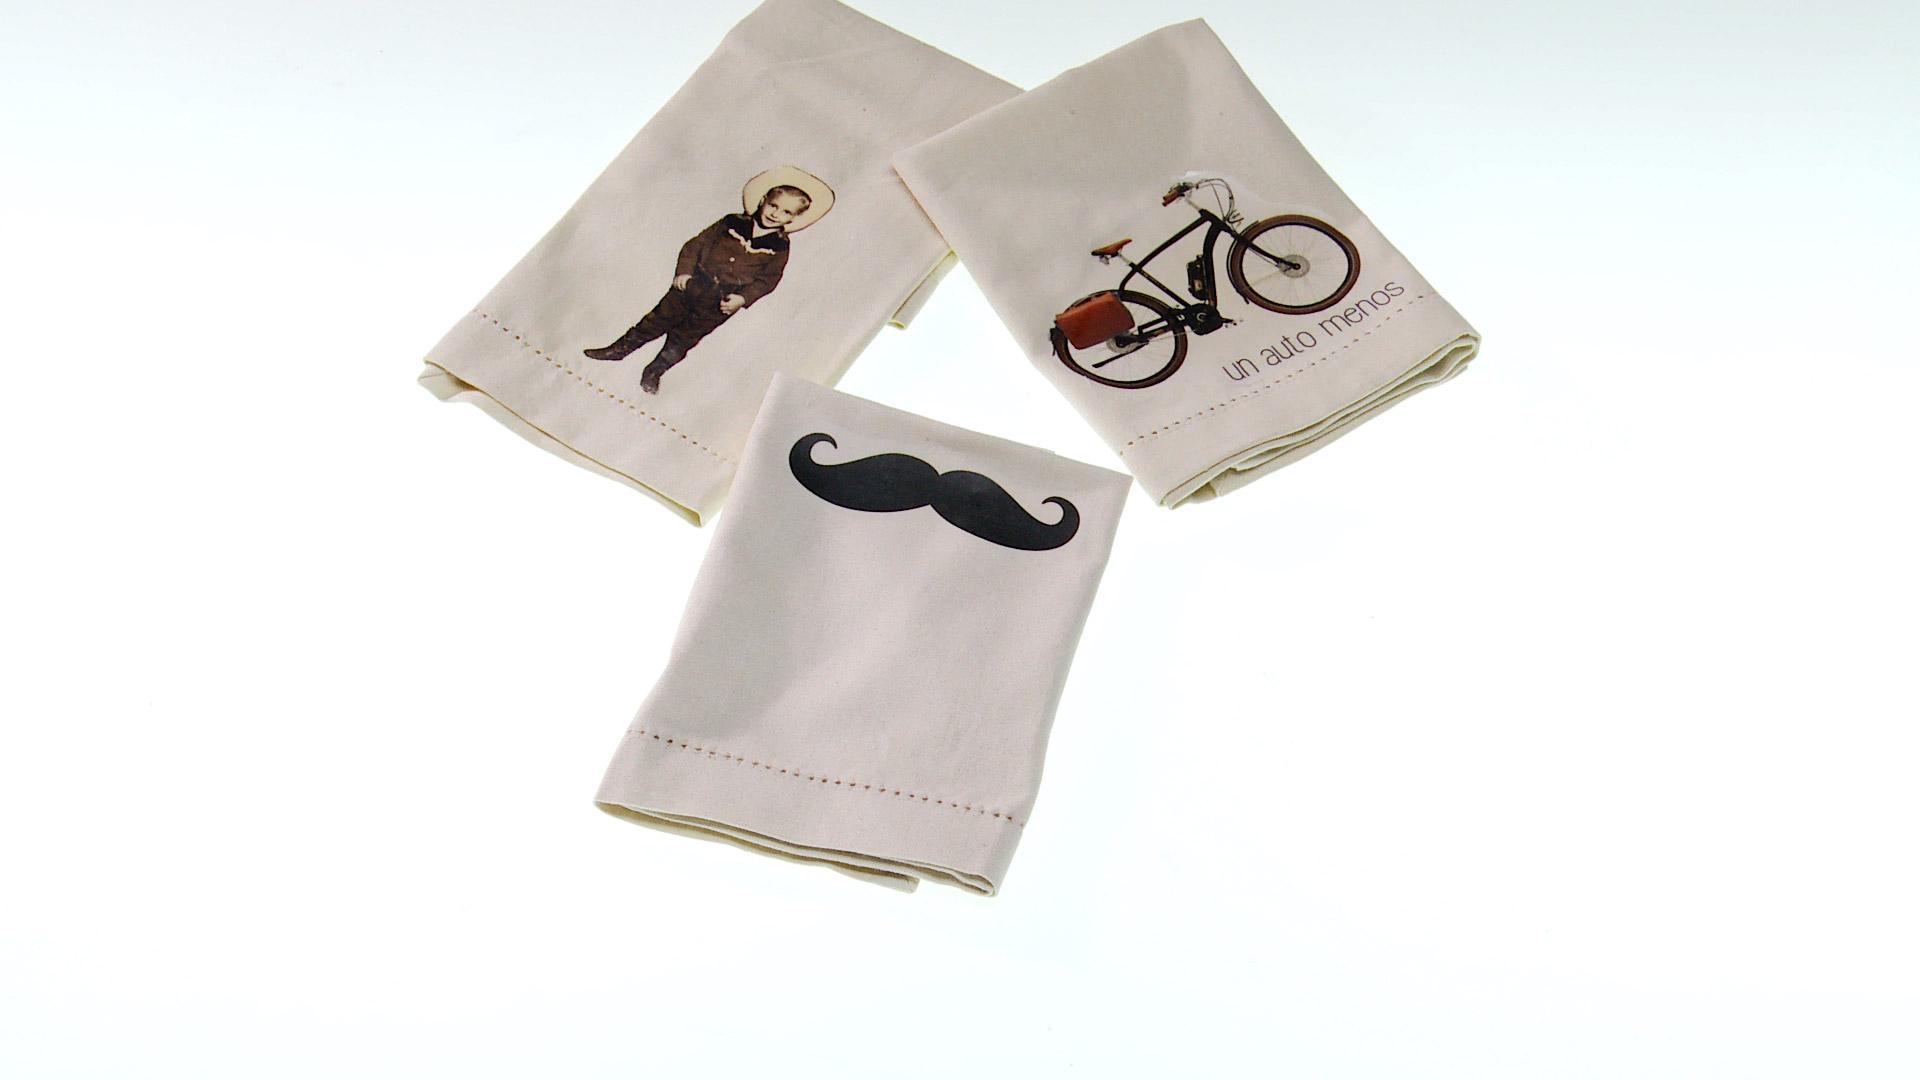 Hacer impresiones tipo transfer, es decir por transferencia de calor, permite personalizar diferente textiles como poleras, servilletas, bolsas de género y hasta jockey.